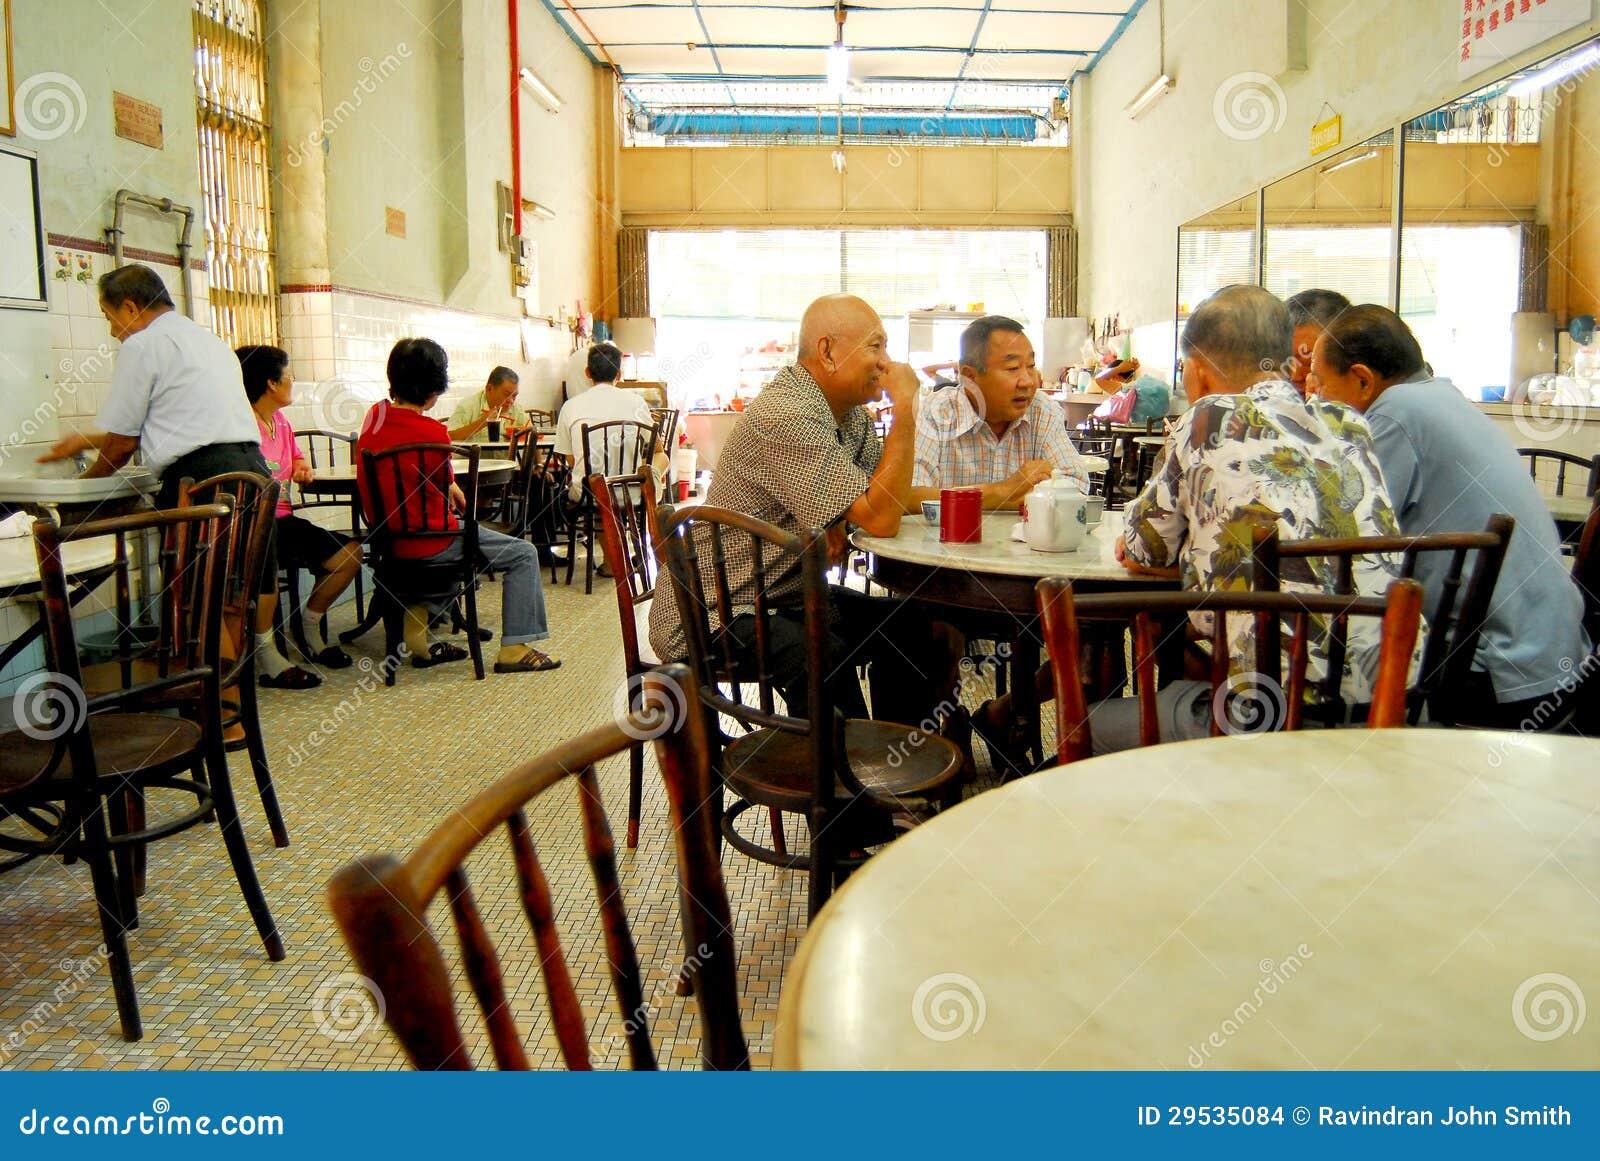 Cafetaria chinesa